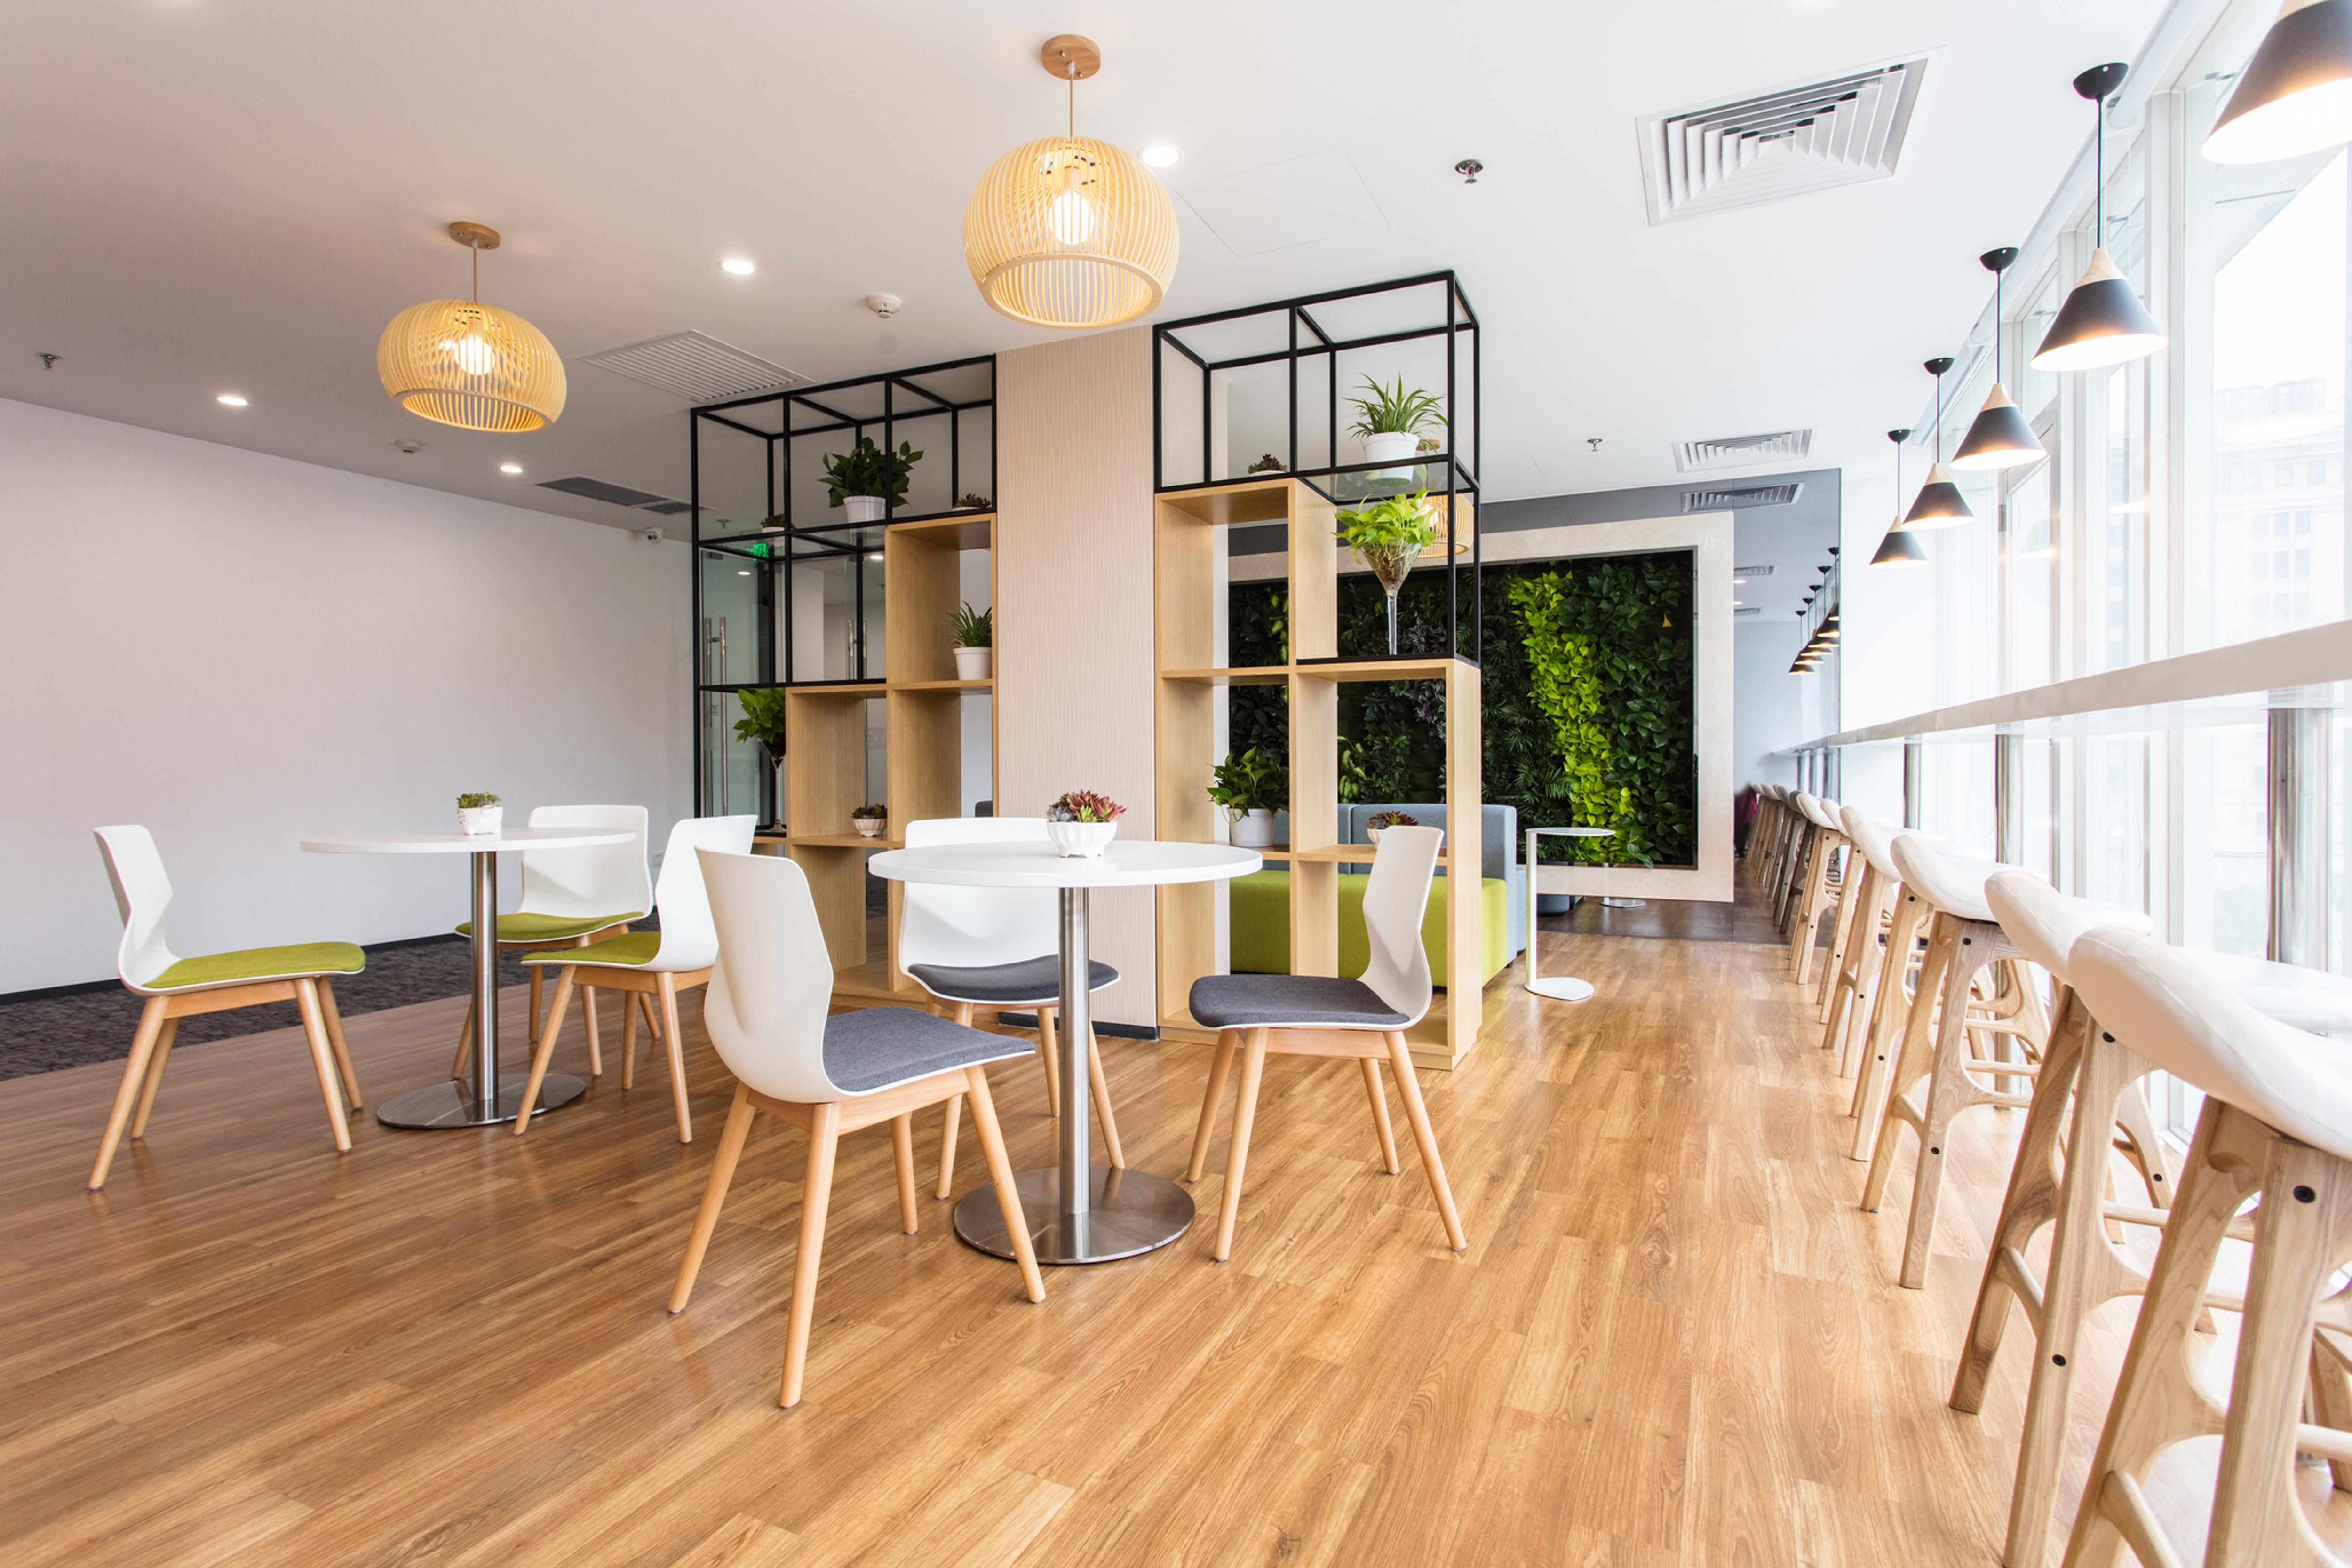 Commercial Interior Design Consult